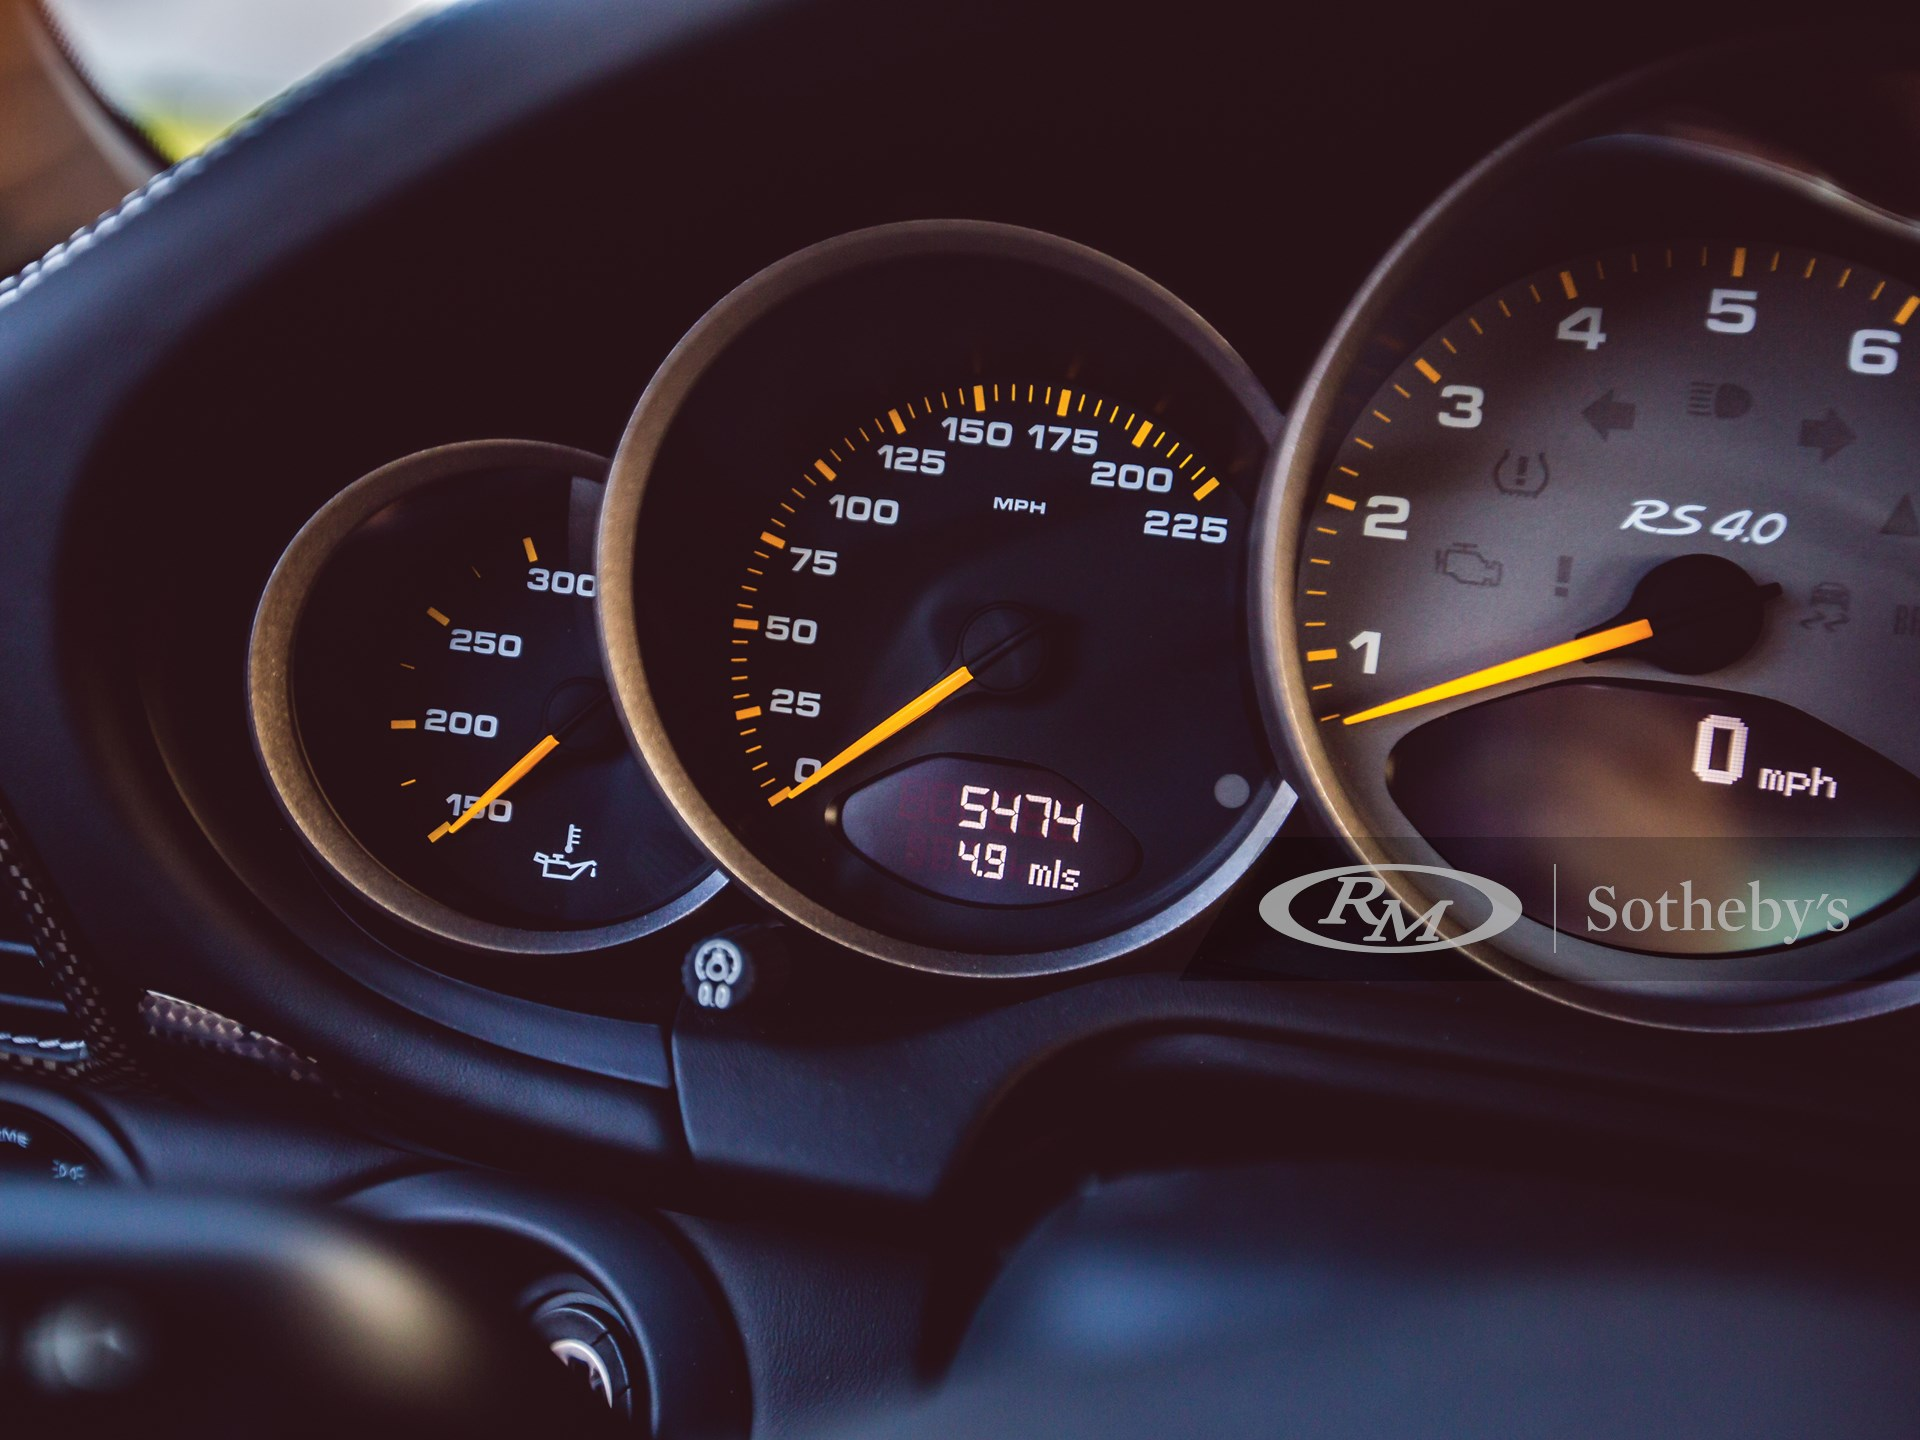 2011 Porsche 911 GT3 RS 4.0  -